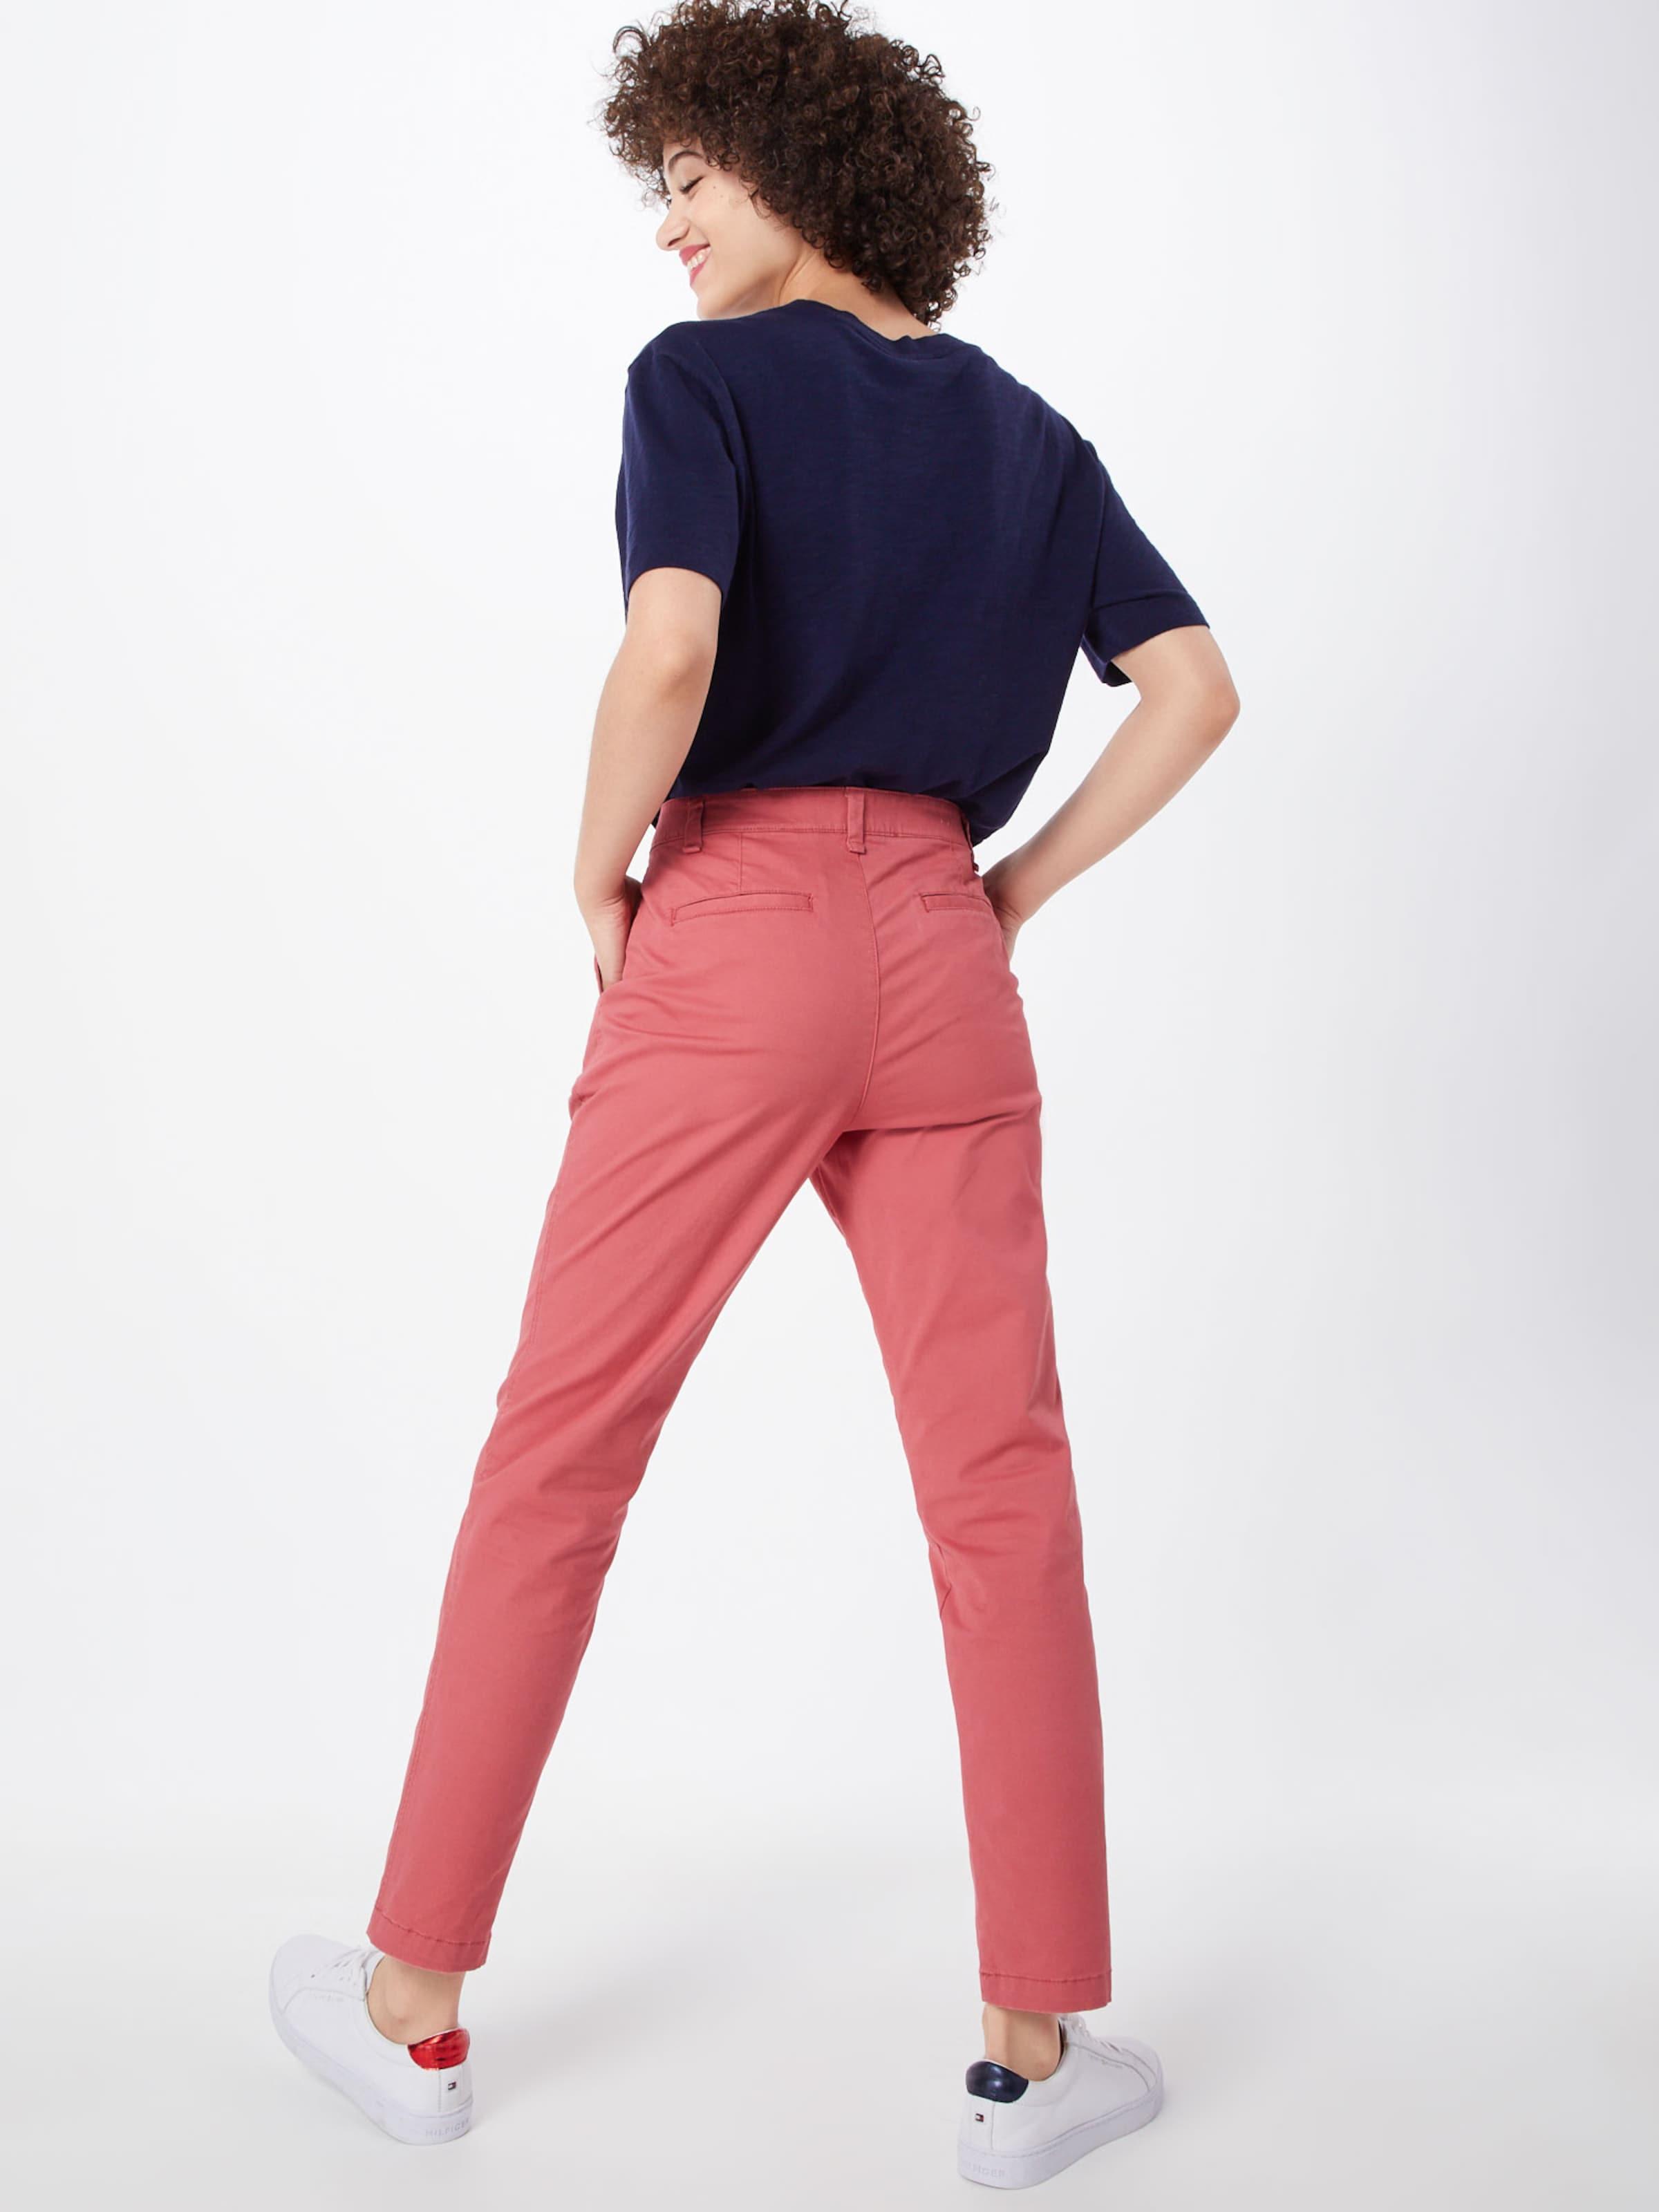 Chino Pantalon 'girlfriend' Gap En Rose RjL3A54